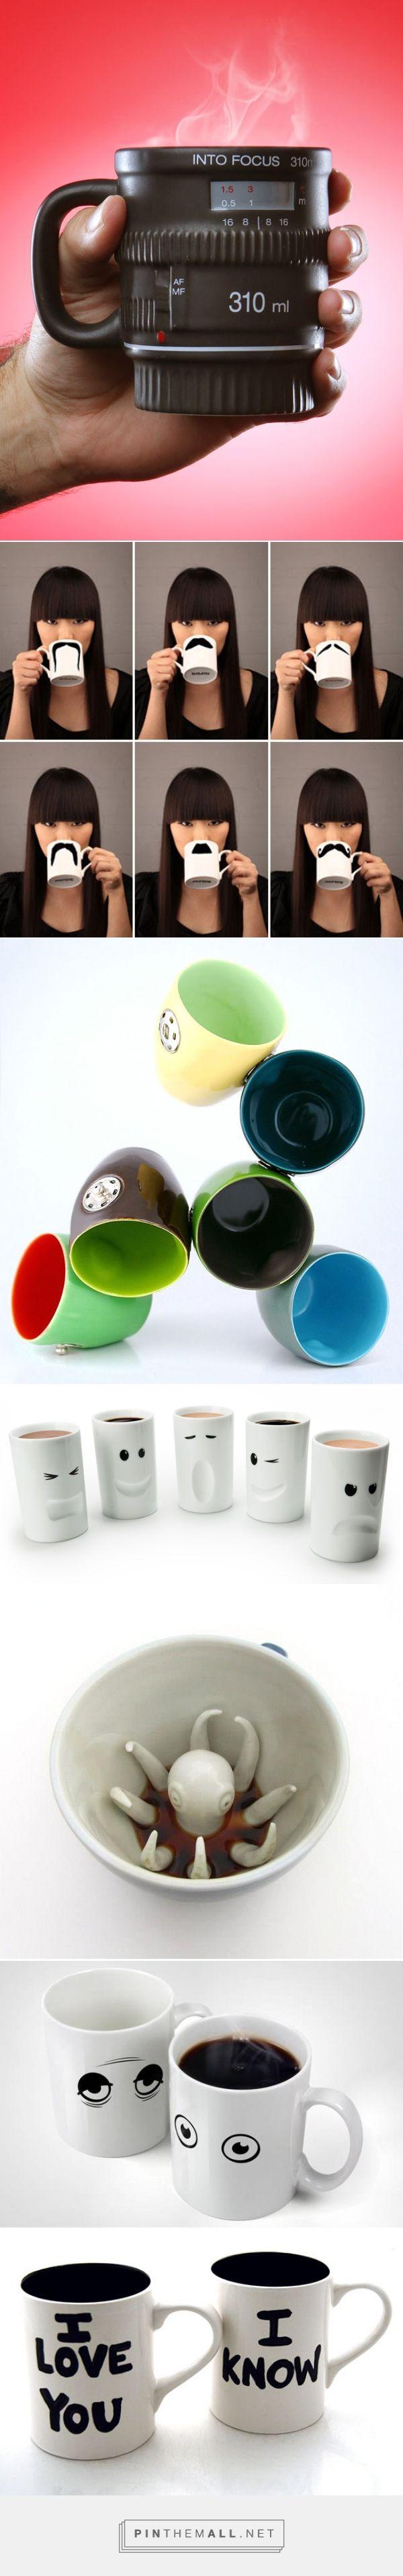 Tazze per la colazione: le più creative e originali!  Il risveglio è per tutti il momento più difficile della giornata. E' importante quindi trovare il sorriso, magari grazie a delle tazze per la colazione originali e divertenti!